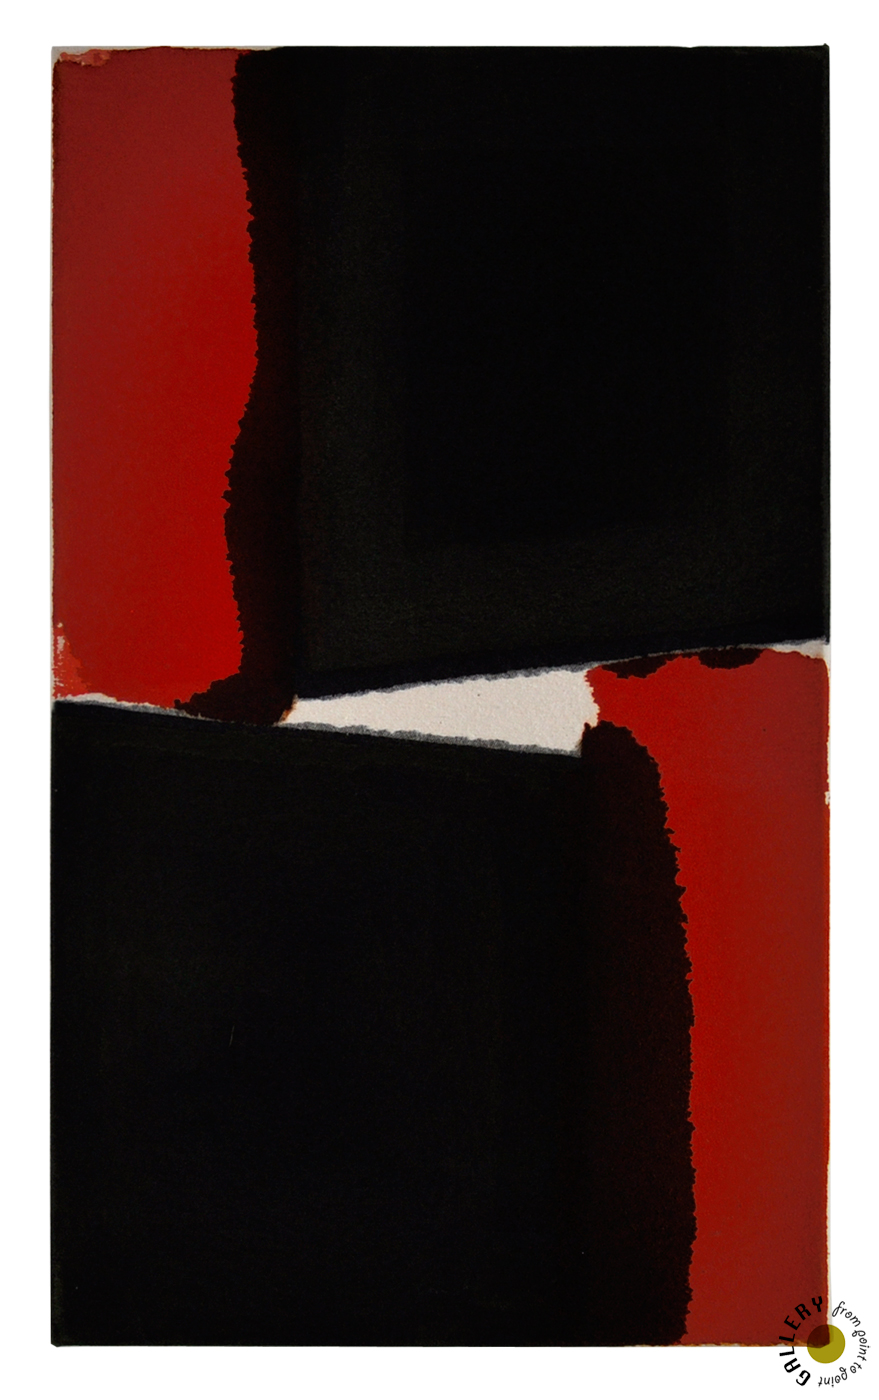 Guillaume-Moschini-Peinture-Noir-Rouge